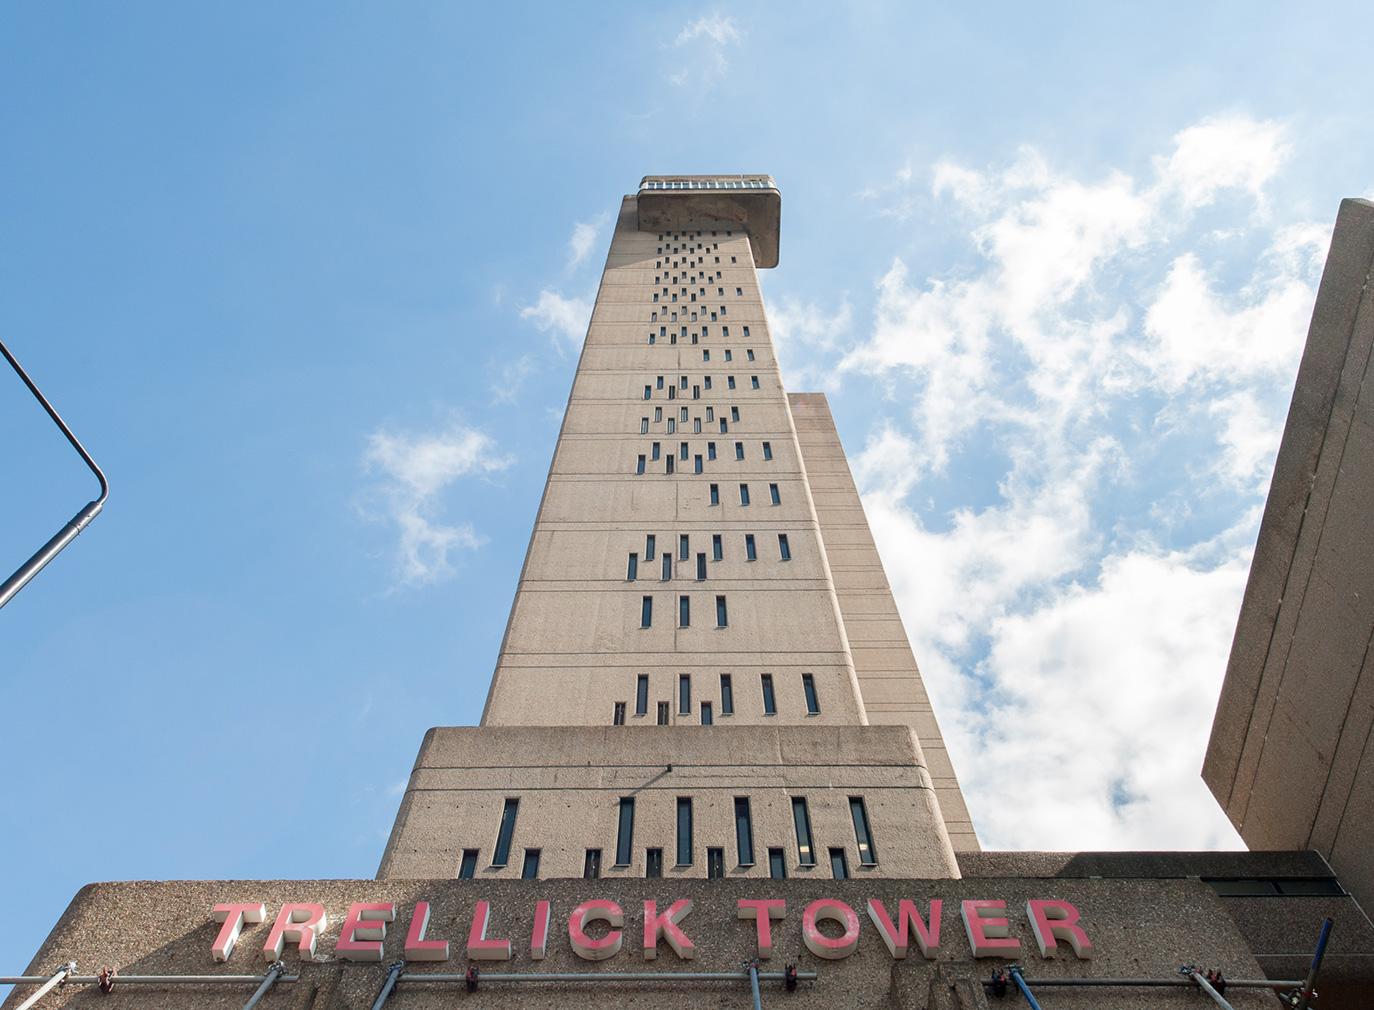 Trellick Tower's concrete facade